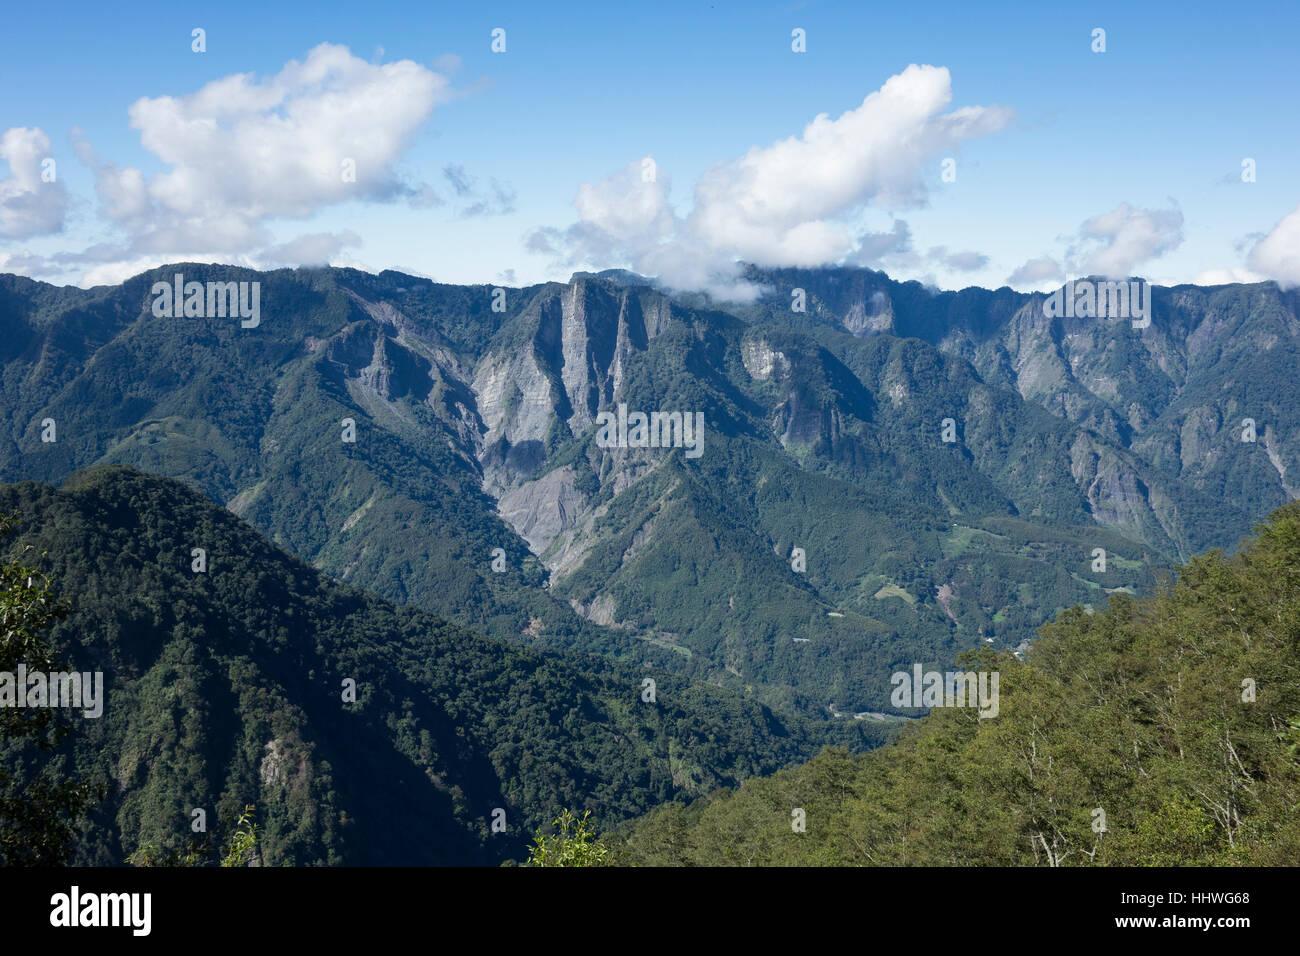 Taiwan, Yushan mountains, - Stock Image